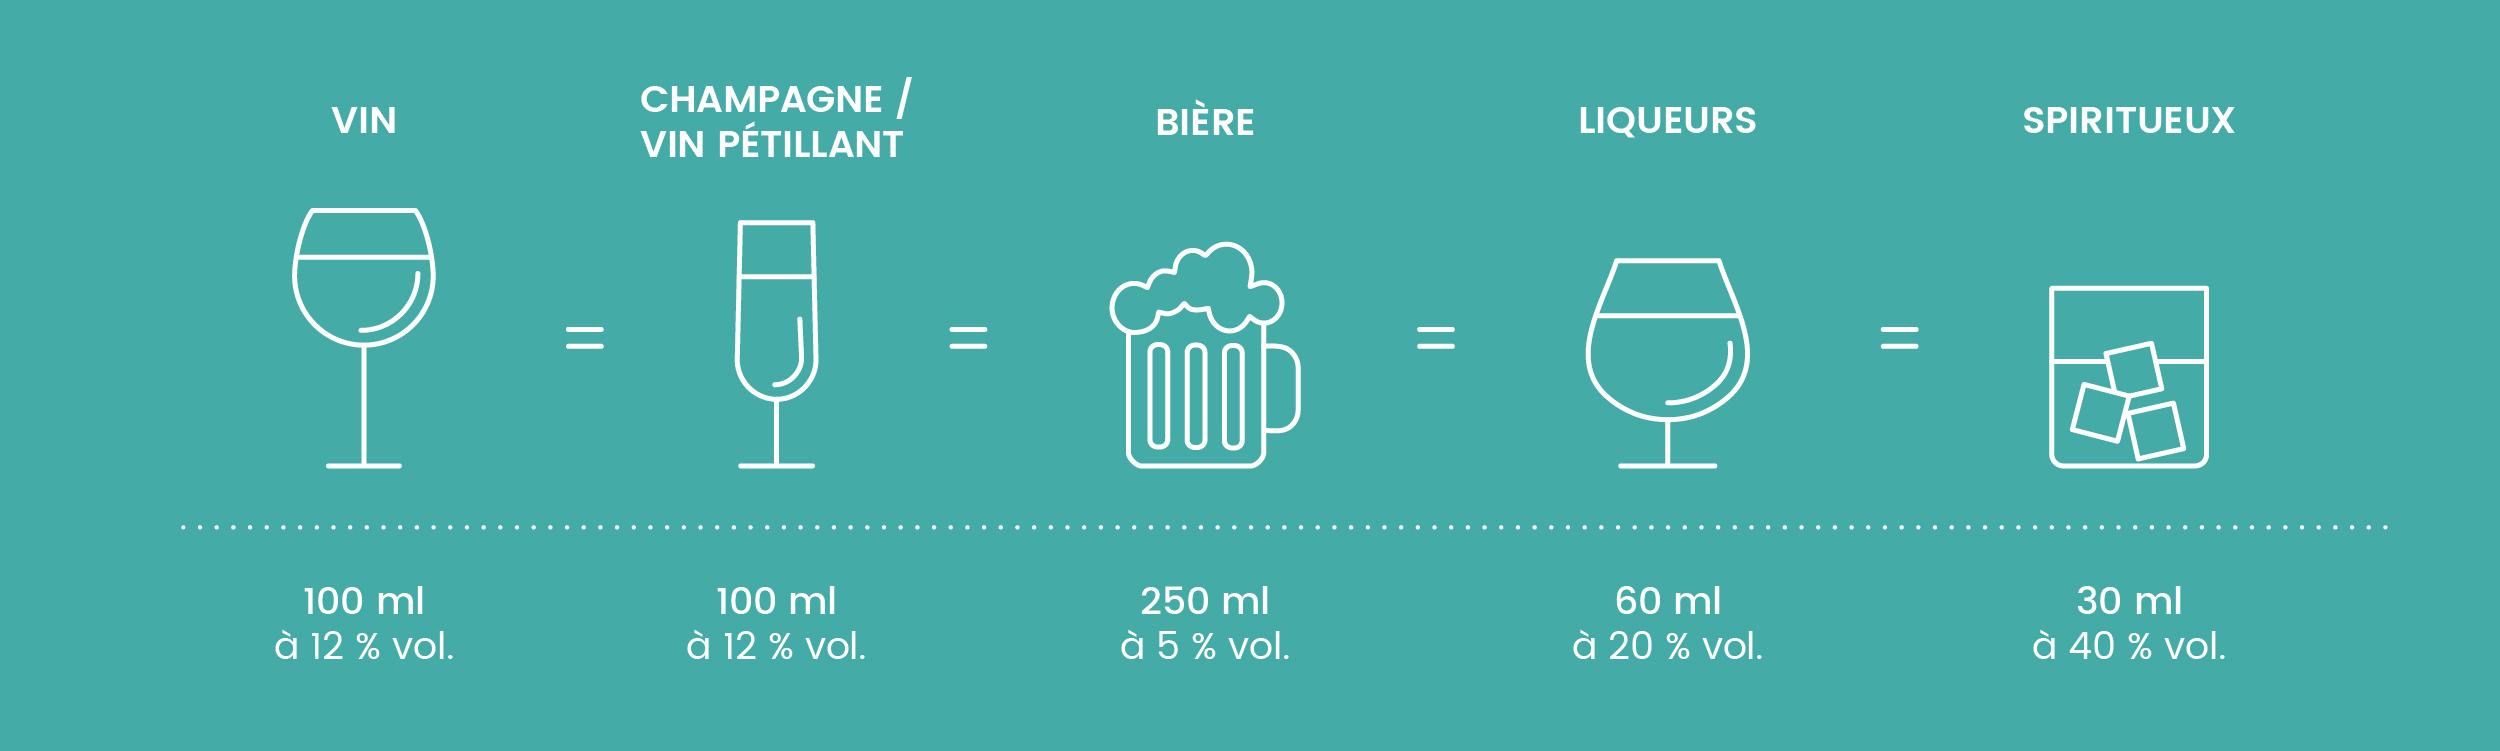 info-alcohol-vergelijking-FR